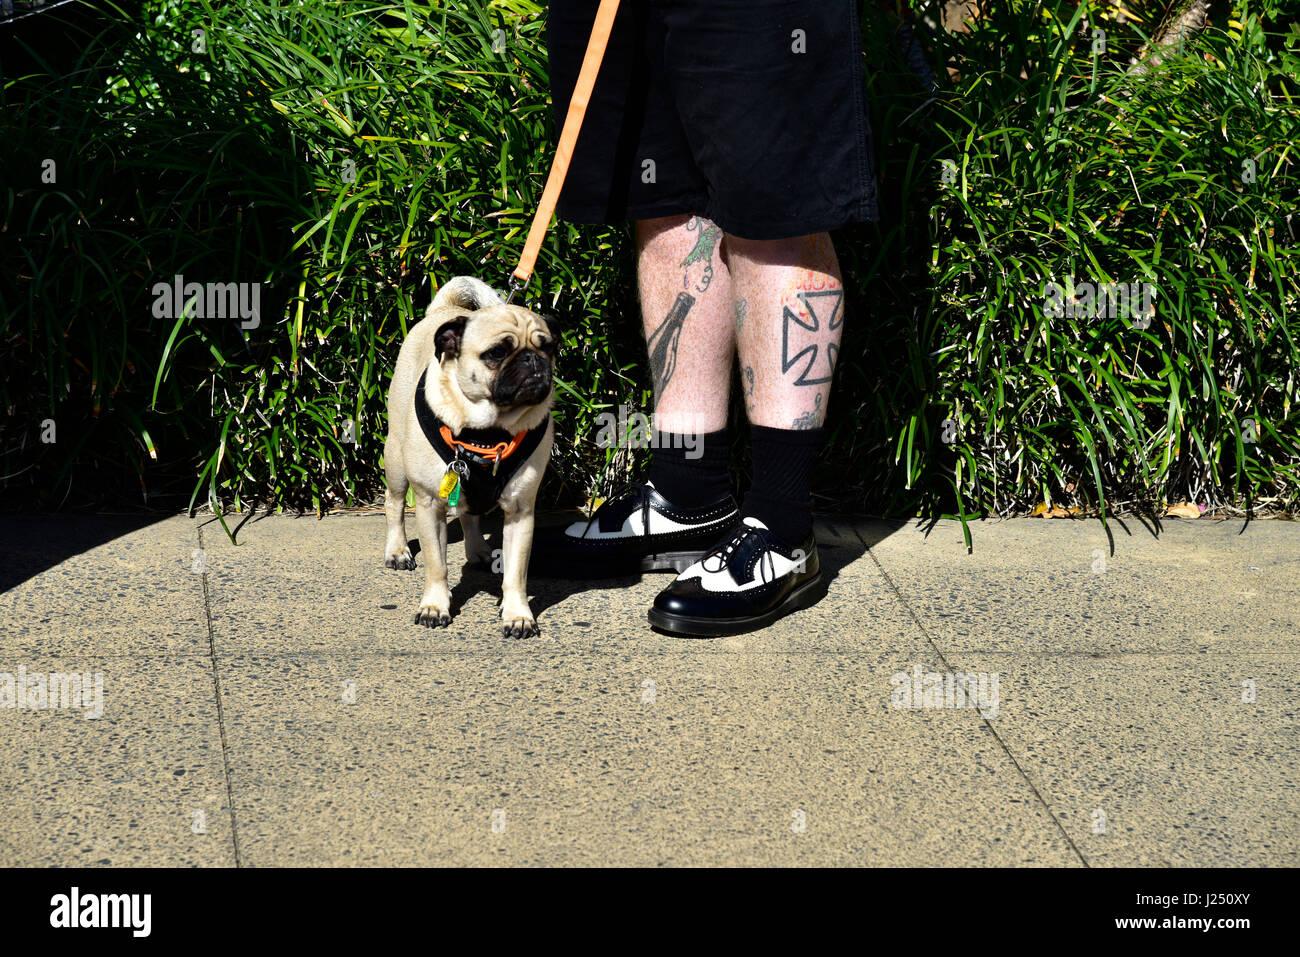 Hombre Con Pet Pug Y Tatuaje De Cruz De Malta En La Pierna A